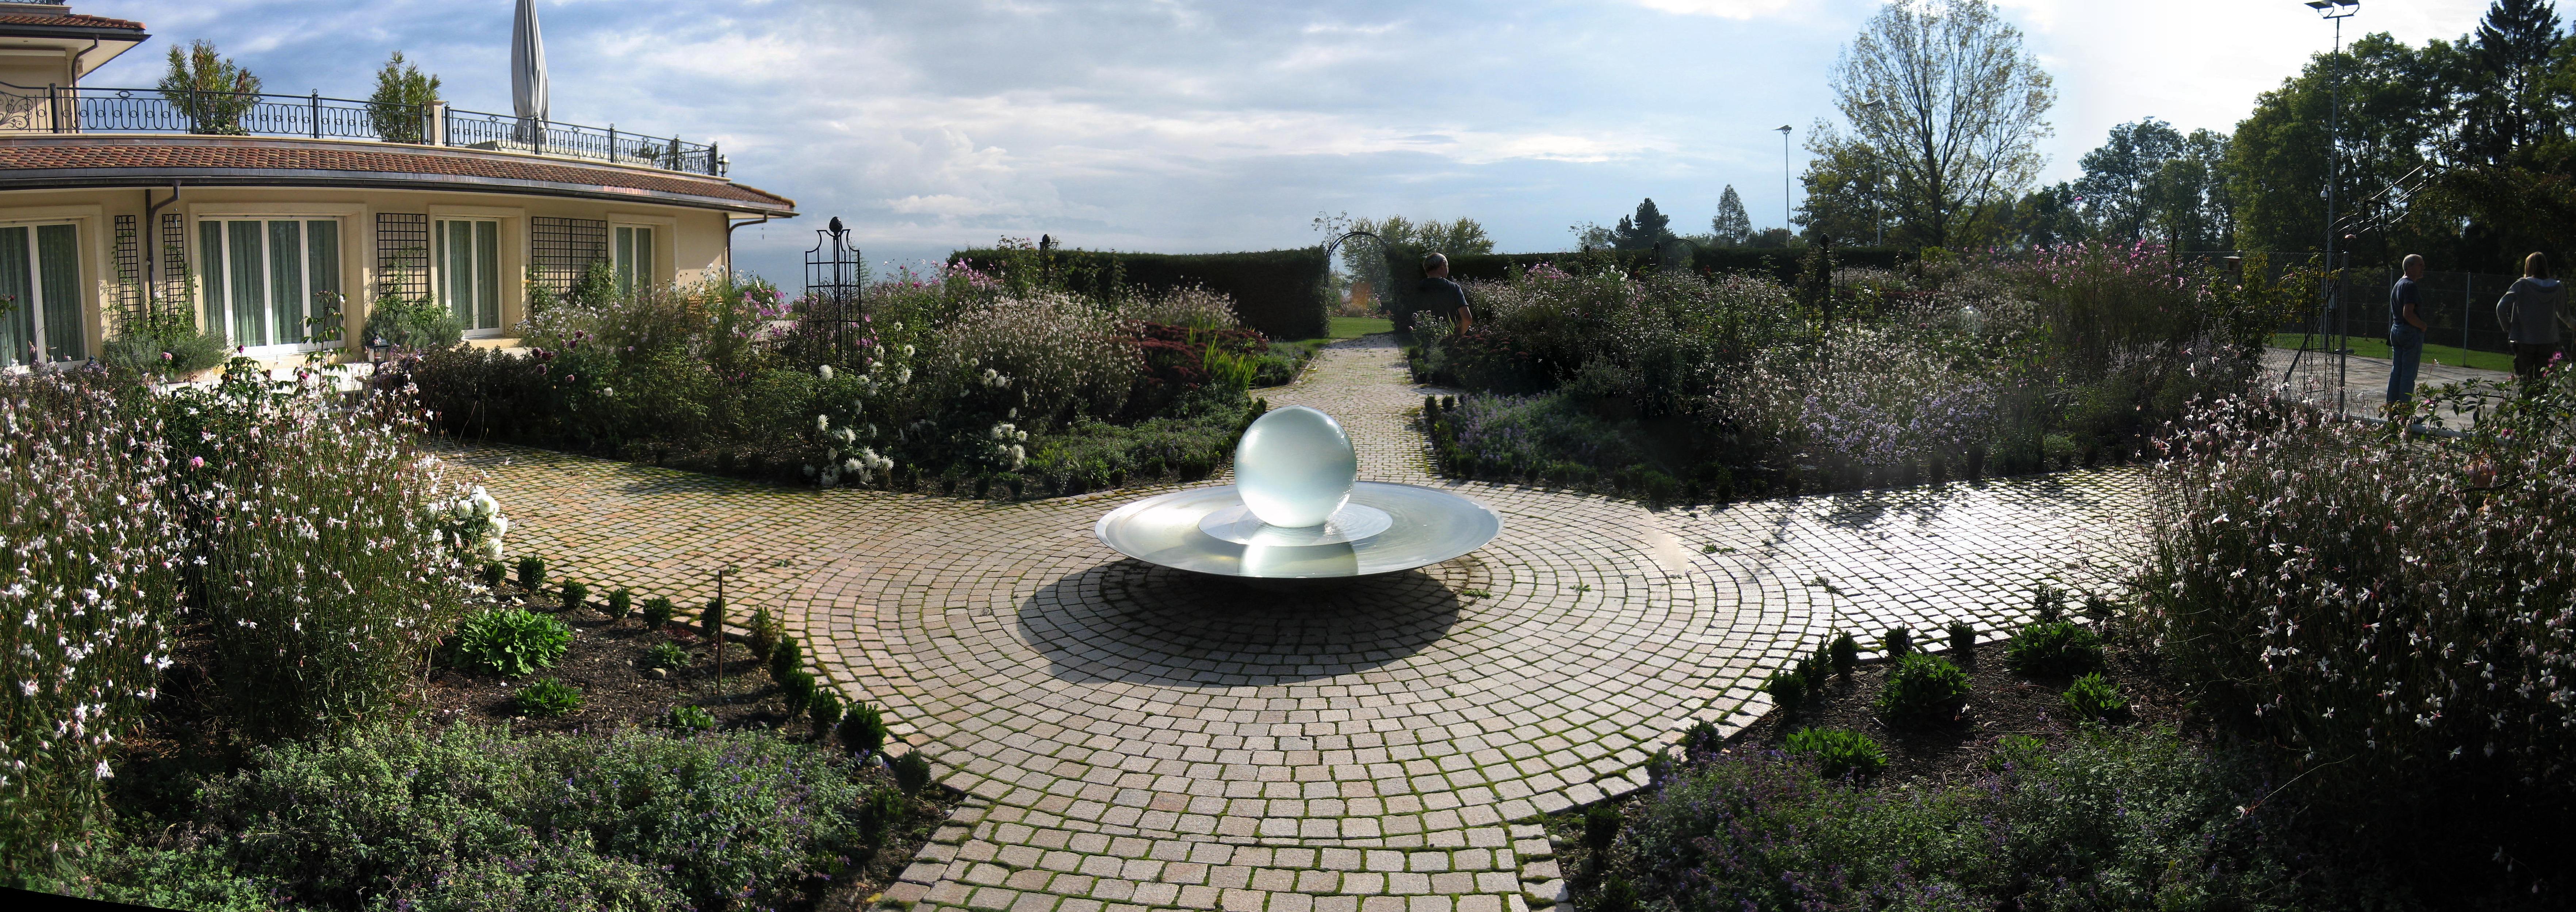 Bourgoz paysages les postes pourvoir for Dessinateur paysagiste